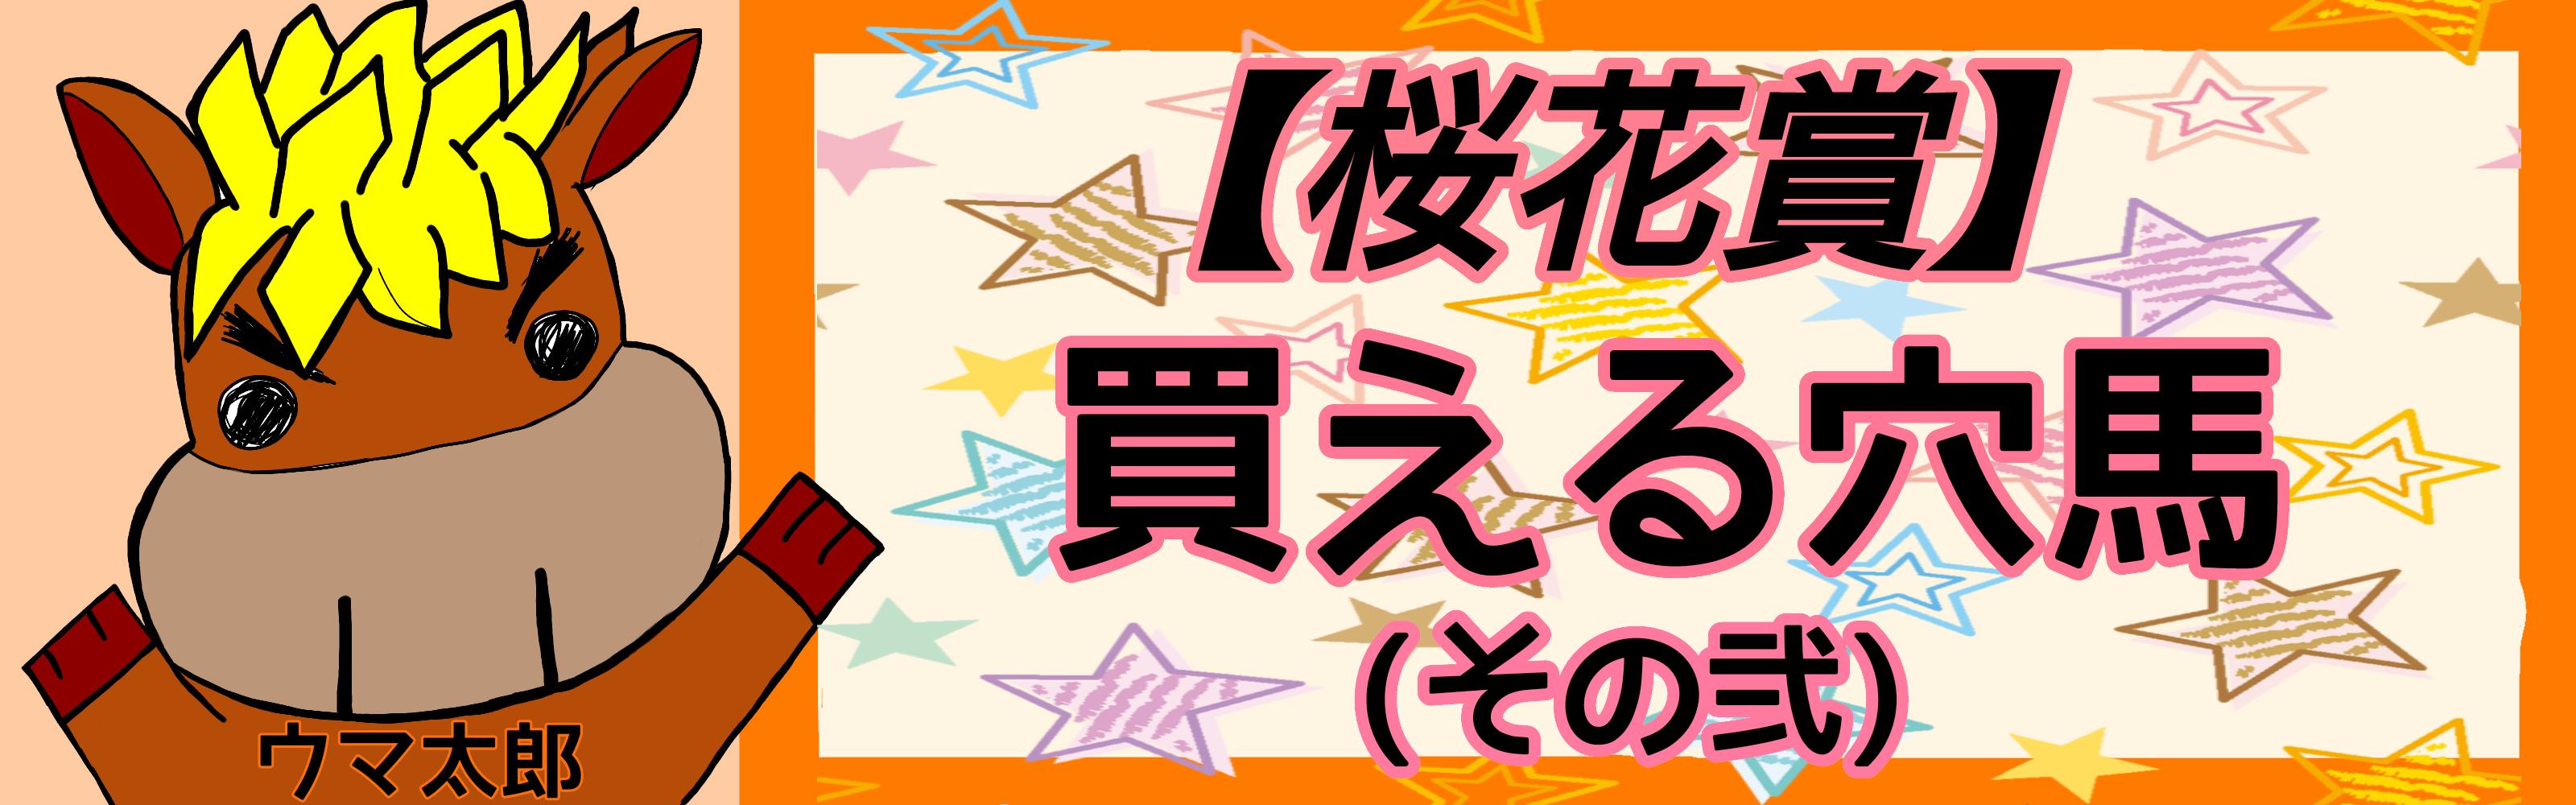 桜花賞 買える穴馬(その弐)